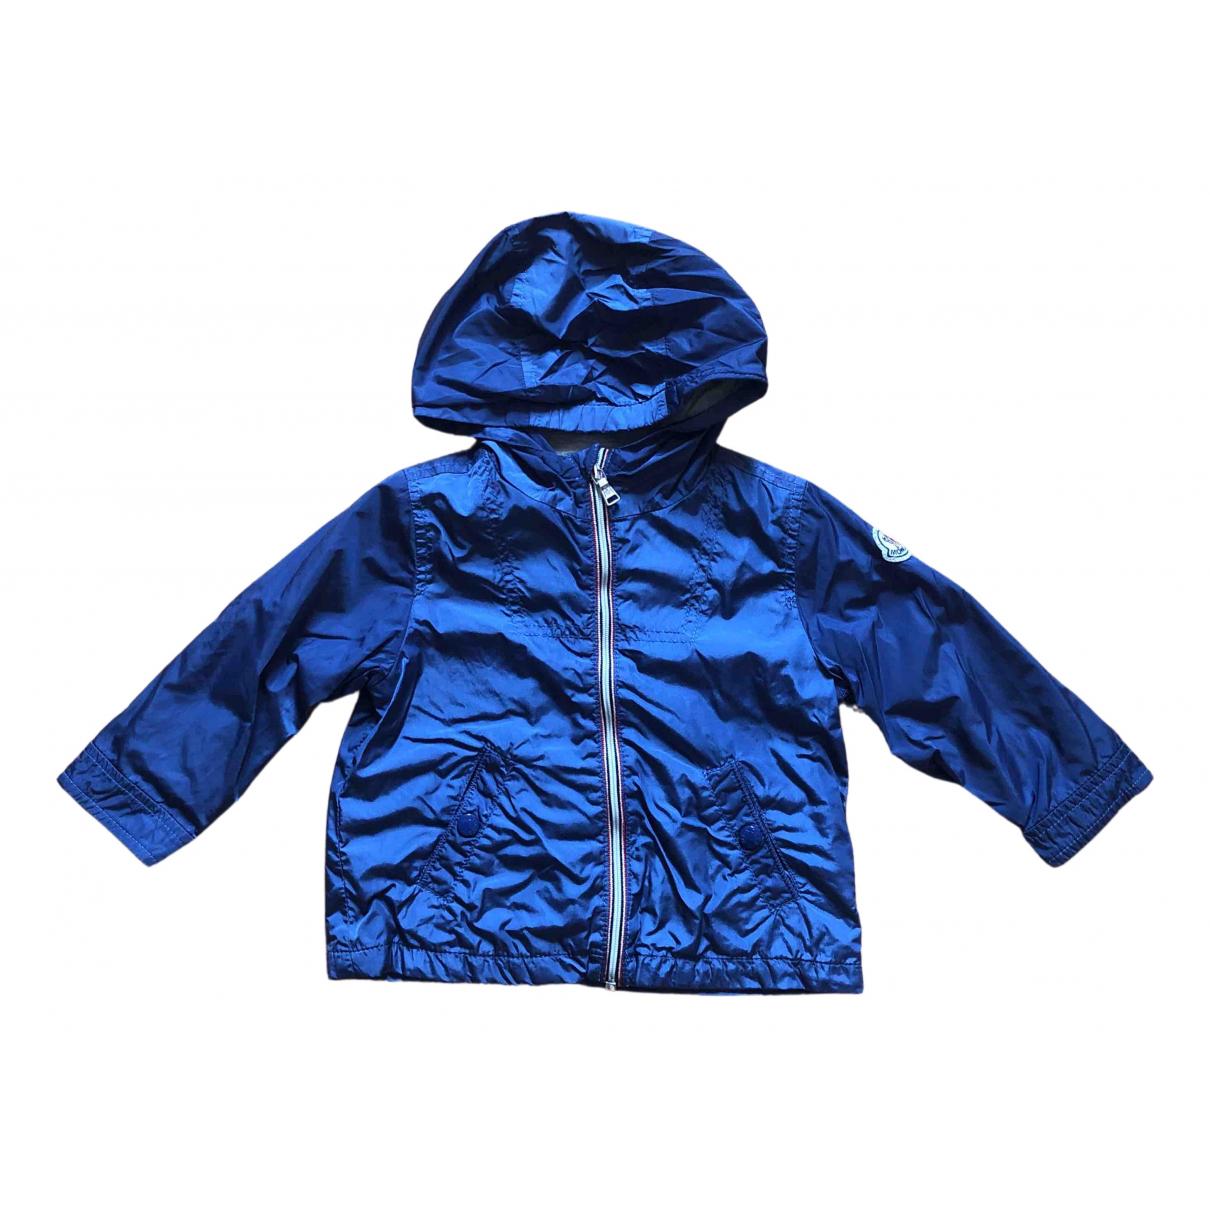 Moncler - Blousons.Manteaux   pour enfant - violet